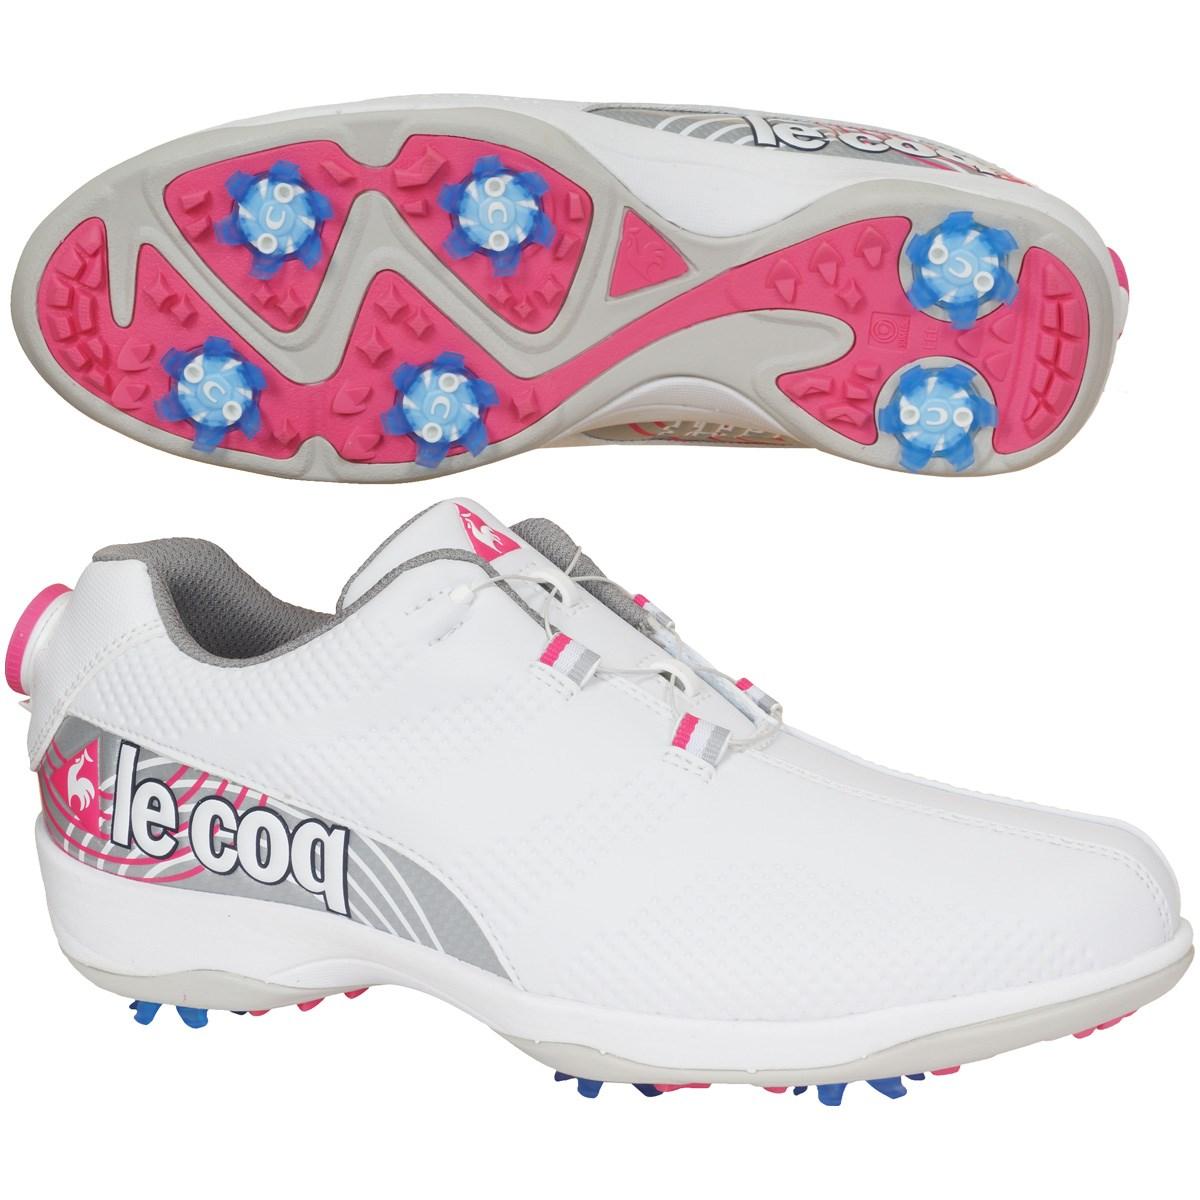 ルコックゴルフ Le coq sportif GOLF ゴルフシューズ 23cm ホワイト/ピンク WHPK レディス